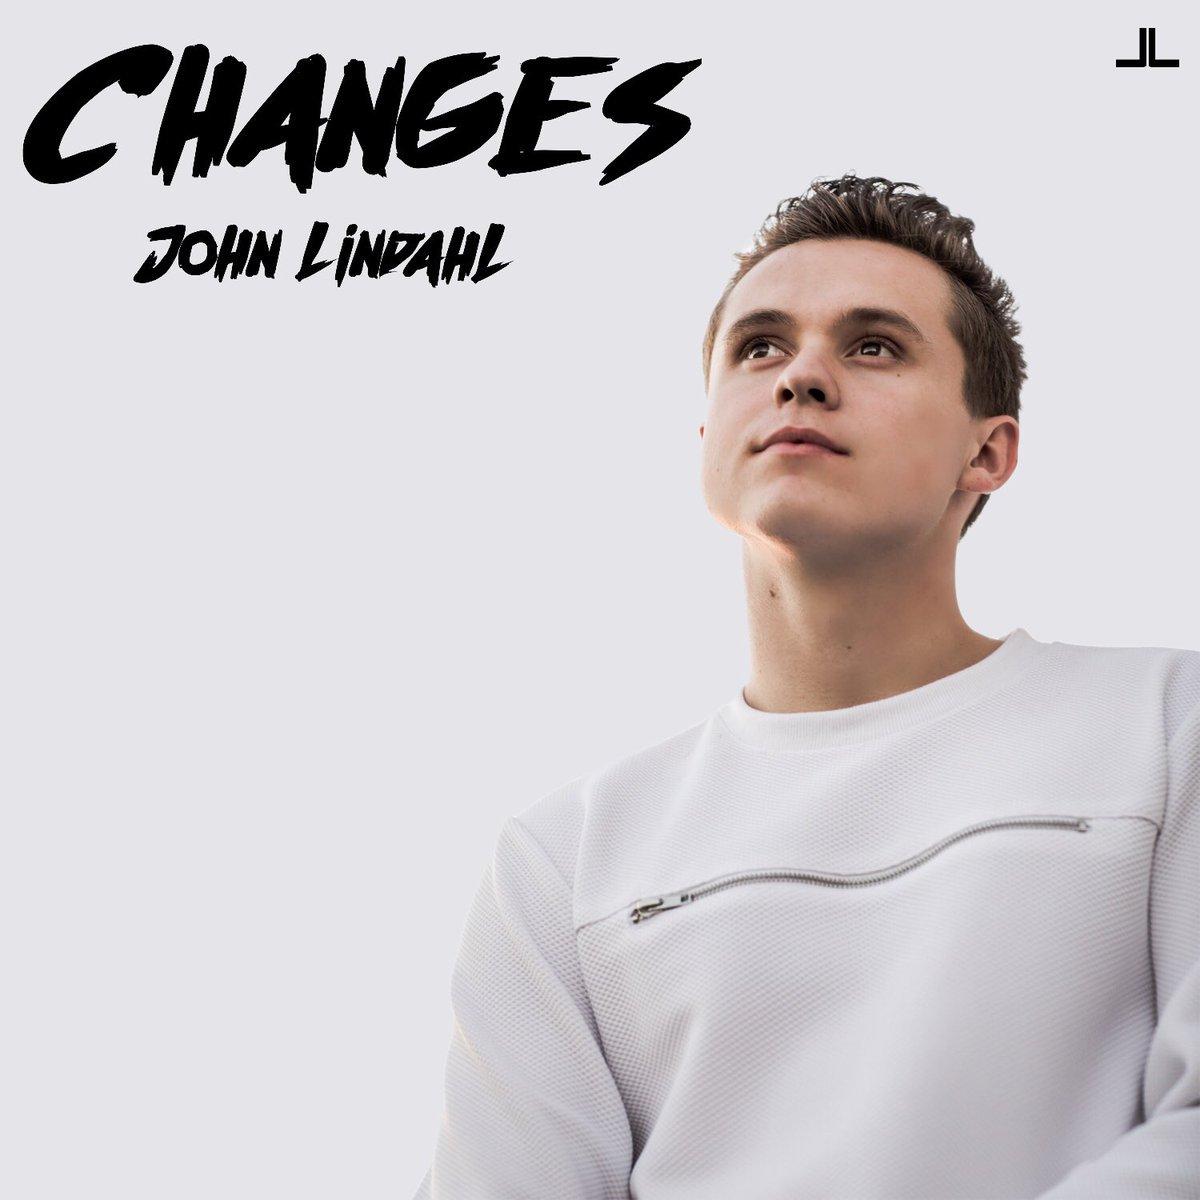 John Lindahl Changes cover.jpg